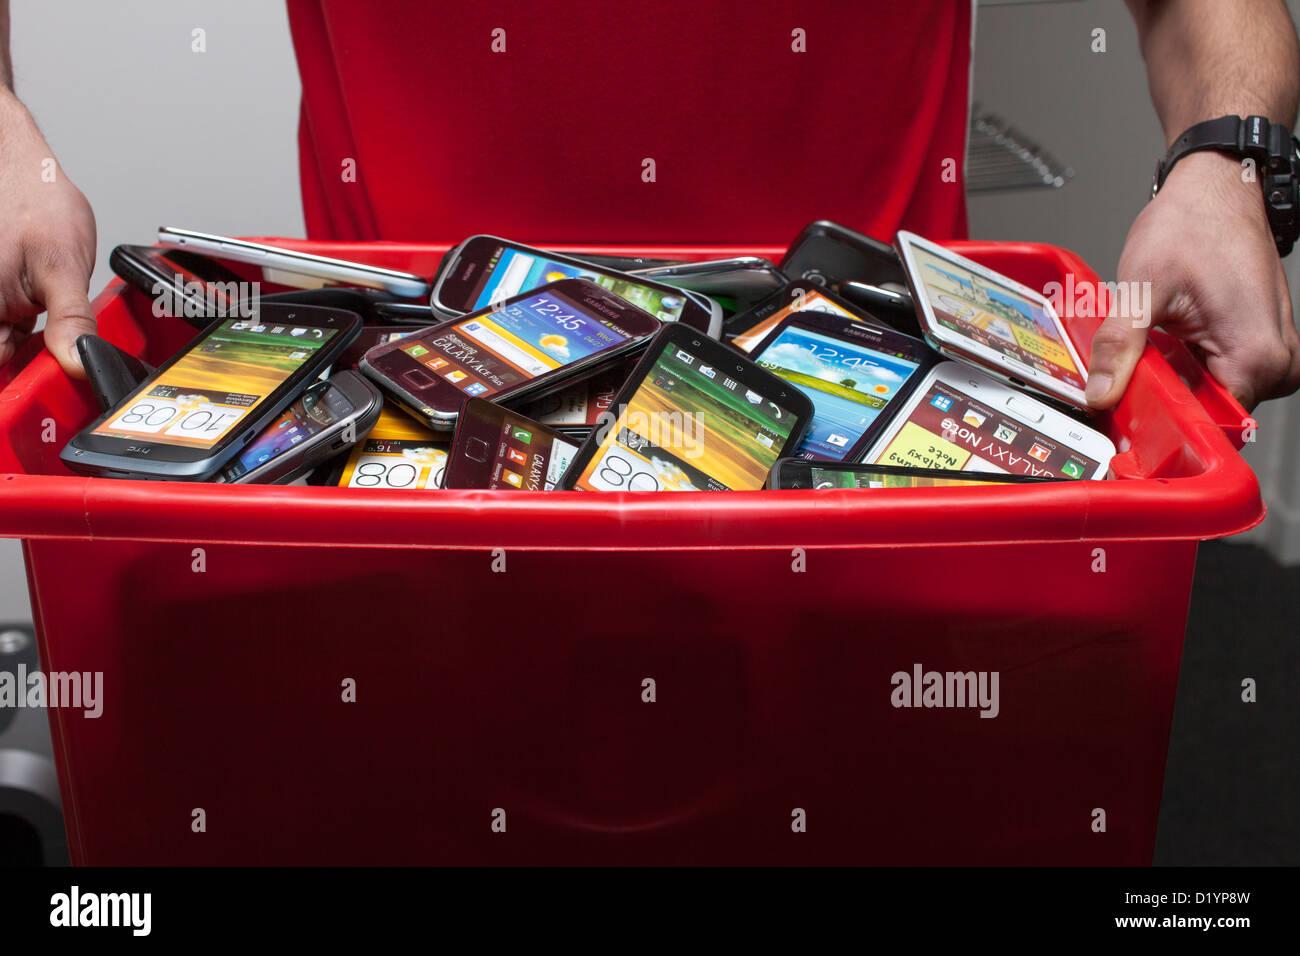 Scatola piena con i telefoni cellulari Immagini Stock